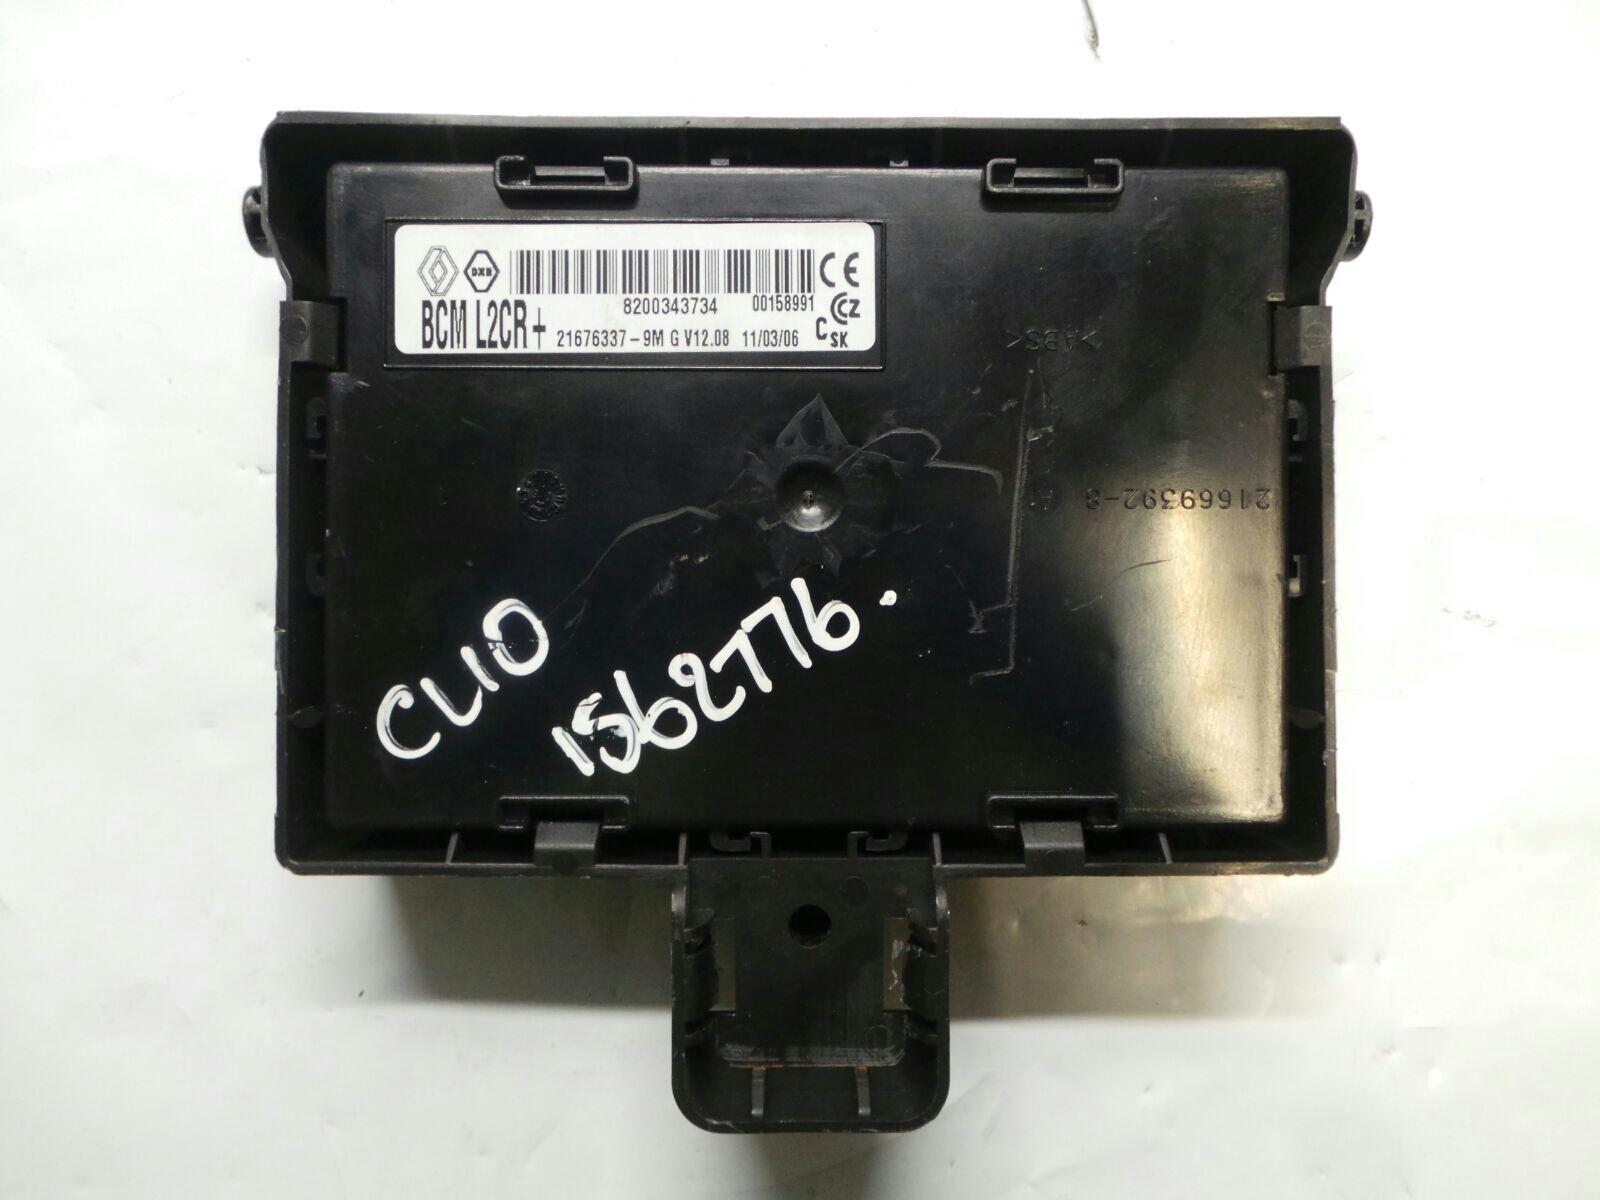 2006 To 2009 Renault Clio Fuse Box & WARRANTY - 5092846